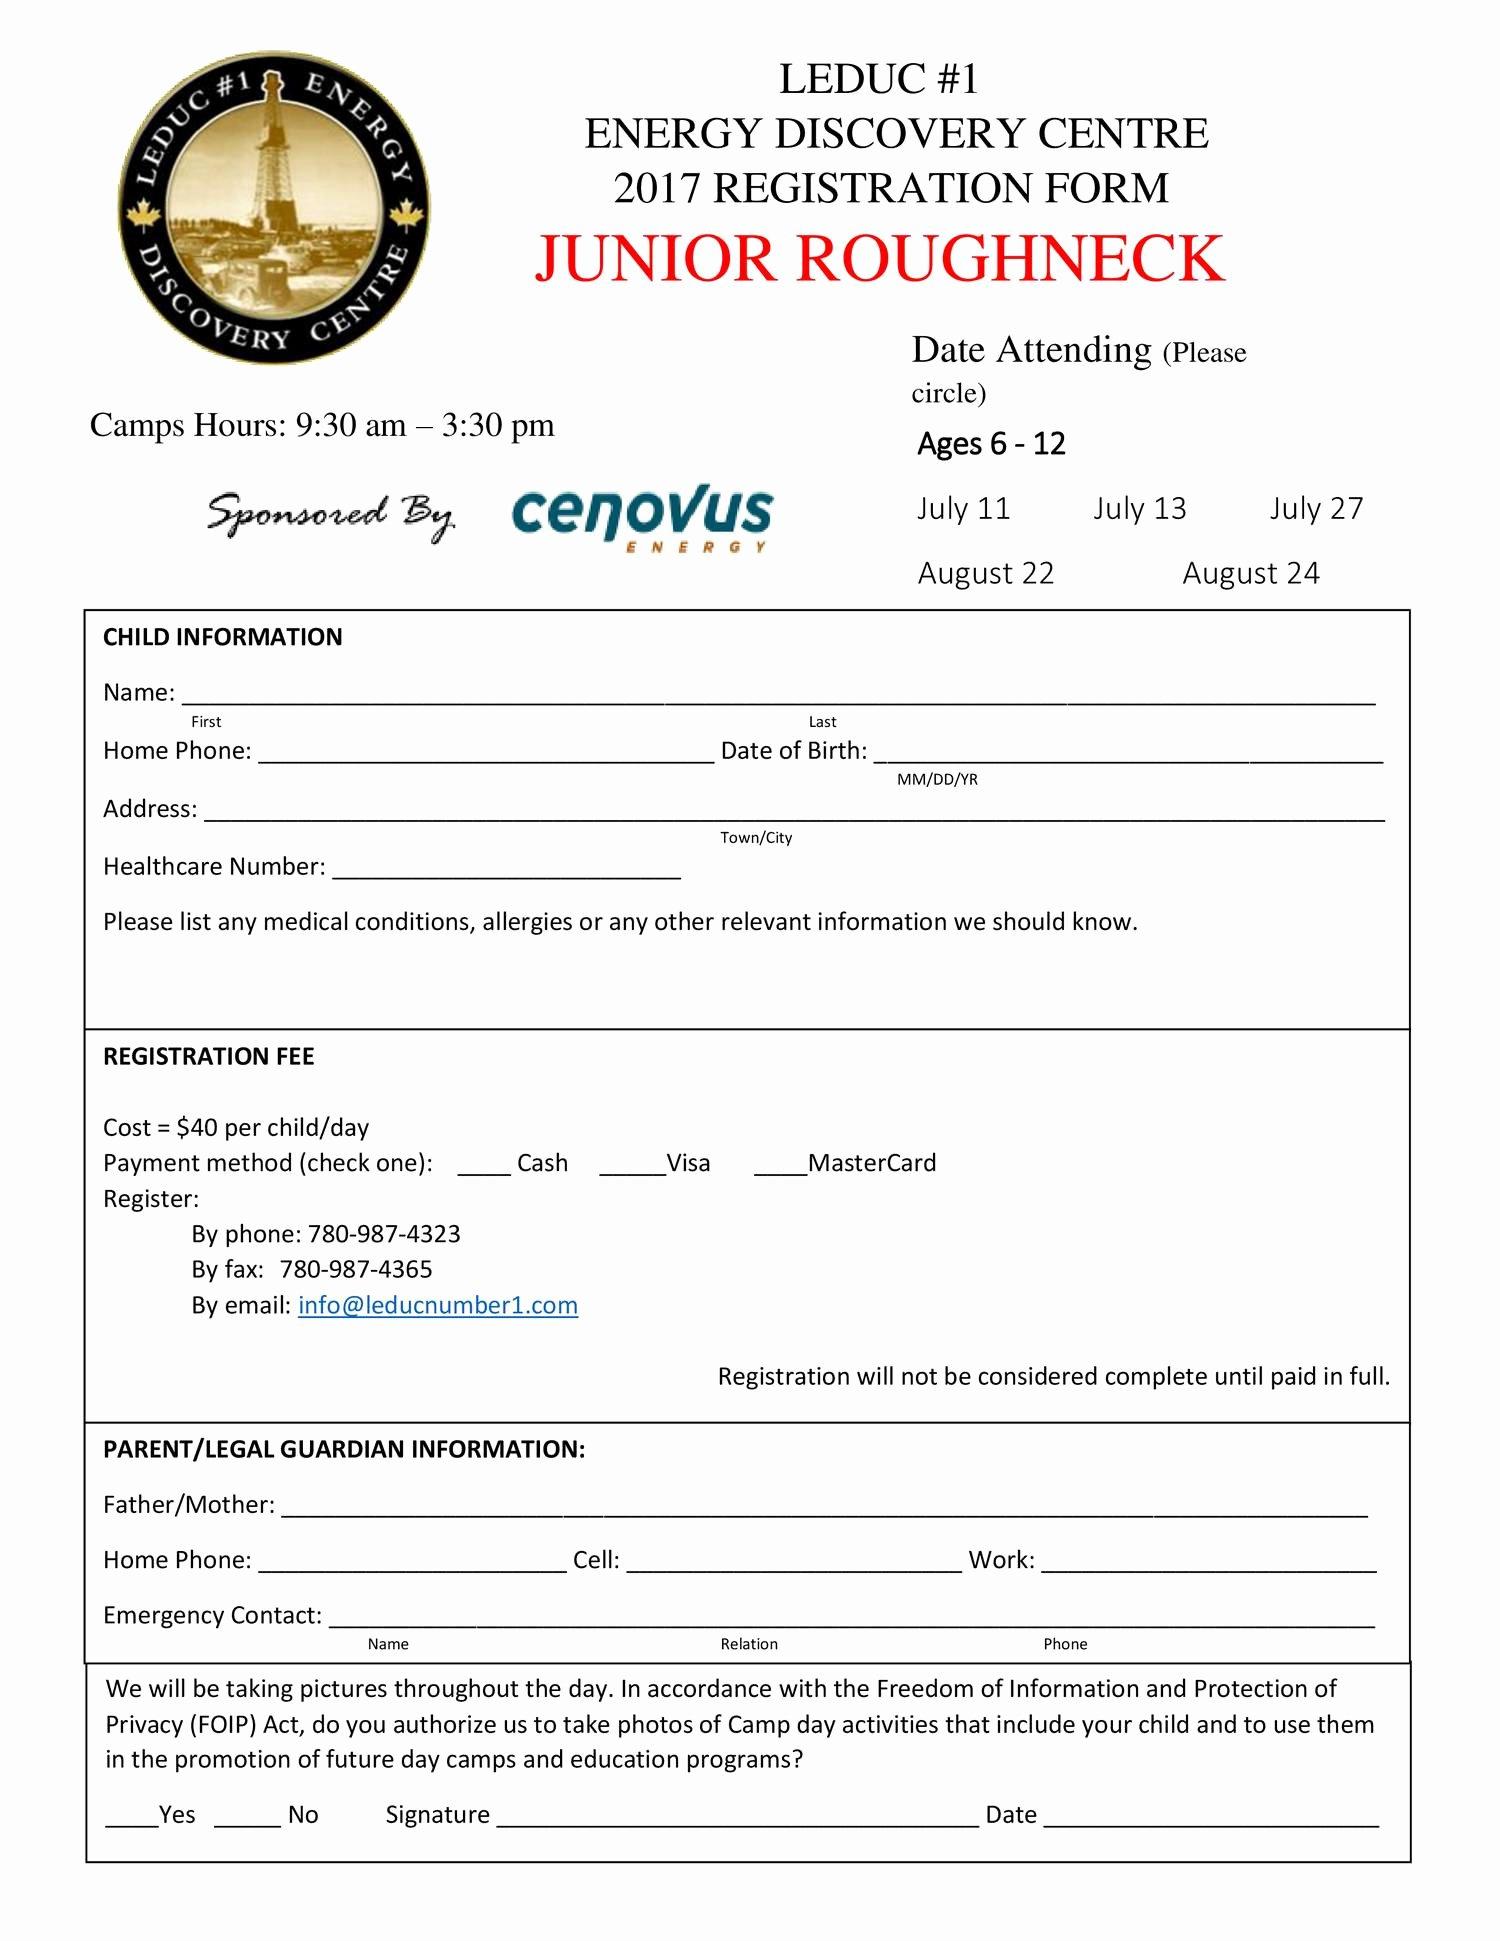 Registration form for Summer Camp New Summer Camp Registration form Jr 2017 Pdf Docdroid